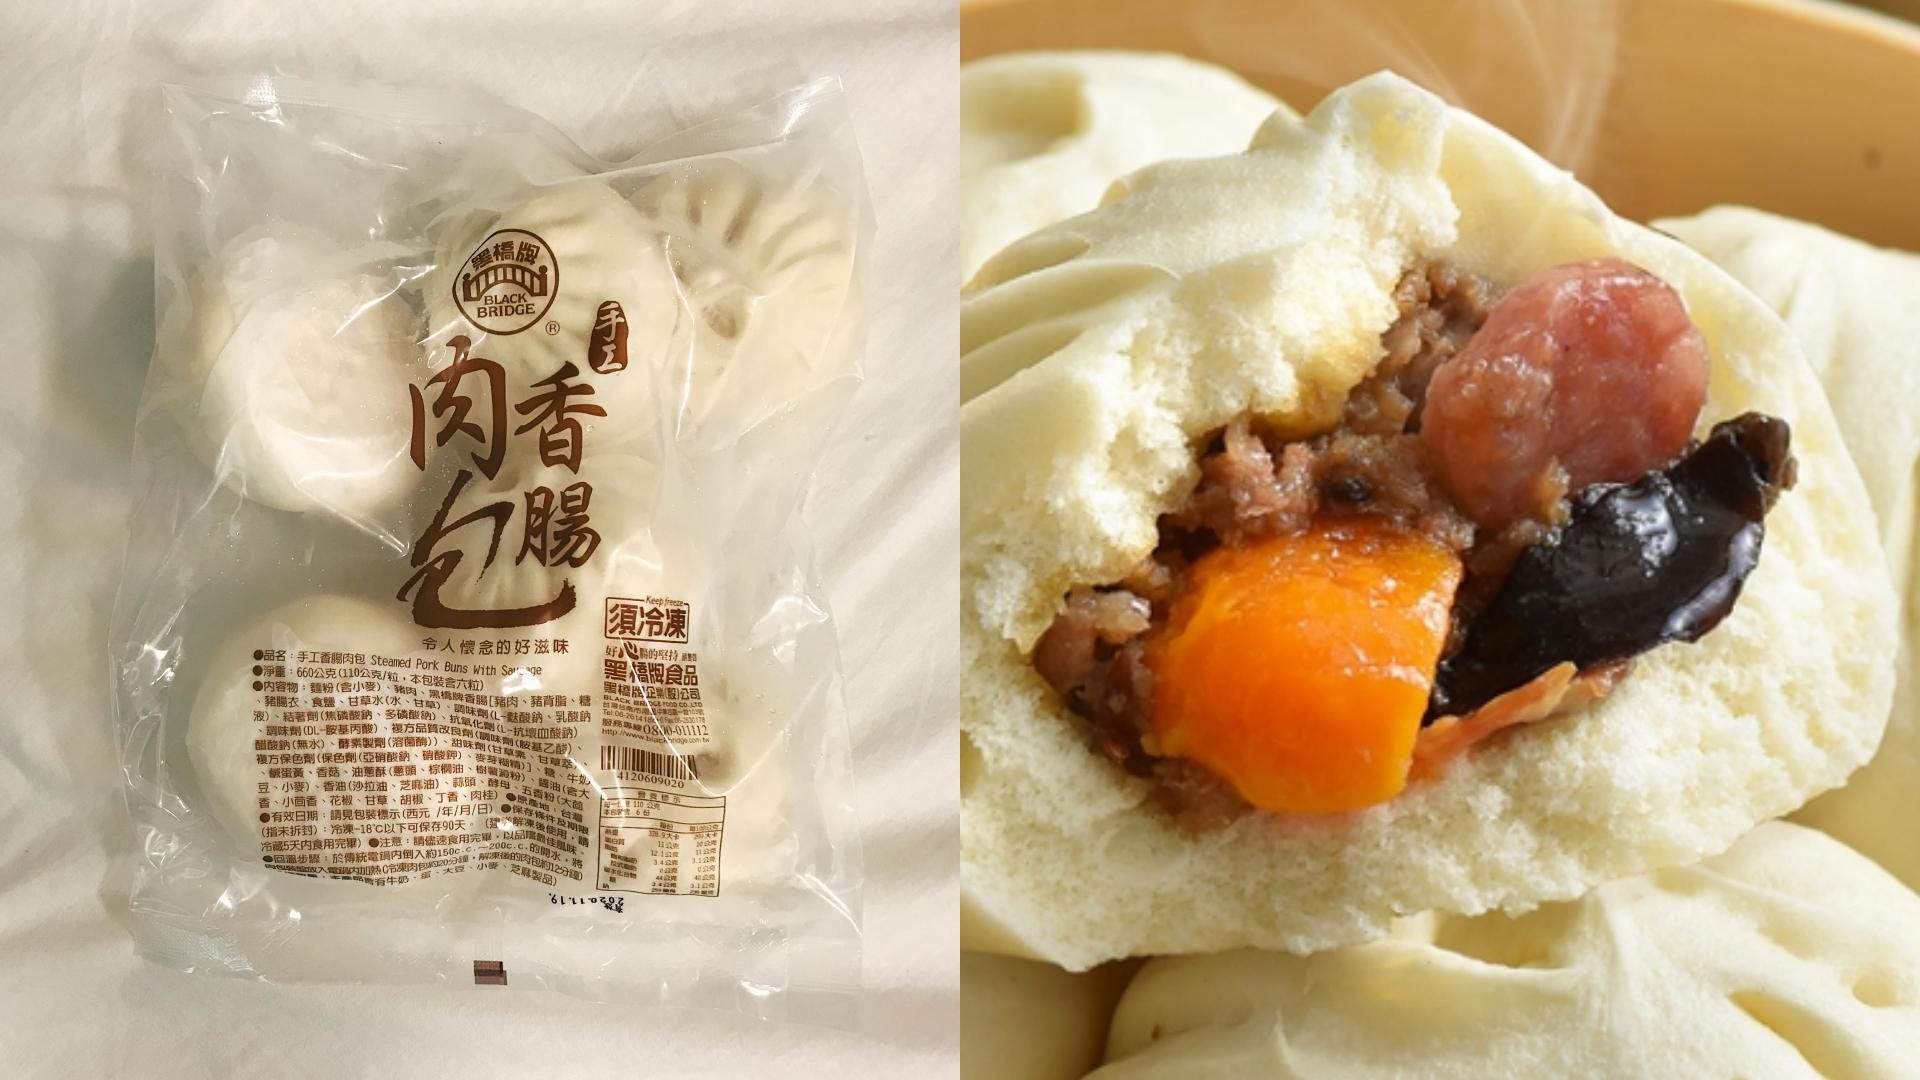 包子皮以純牛奶為基底,製作出渾圓飽滿的外型,吃起來柔軟又富含香氣,內餡則是放入精選豬肉與黑橋牌原味香腸一同入餡